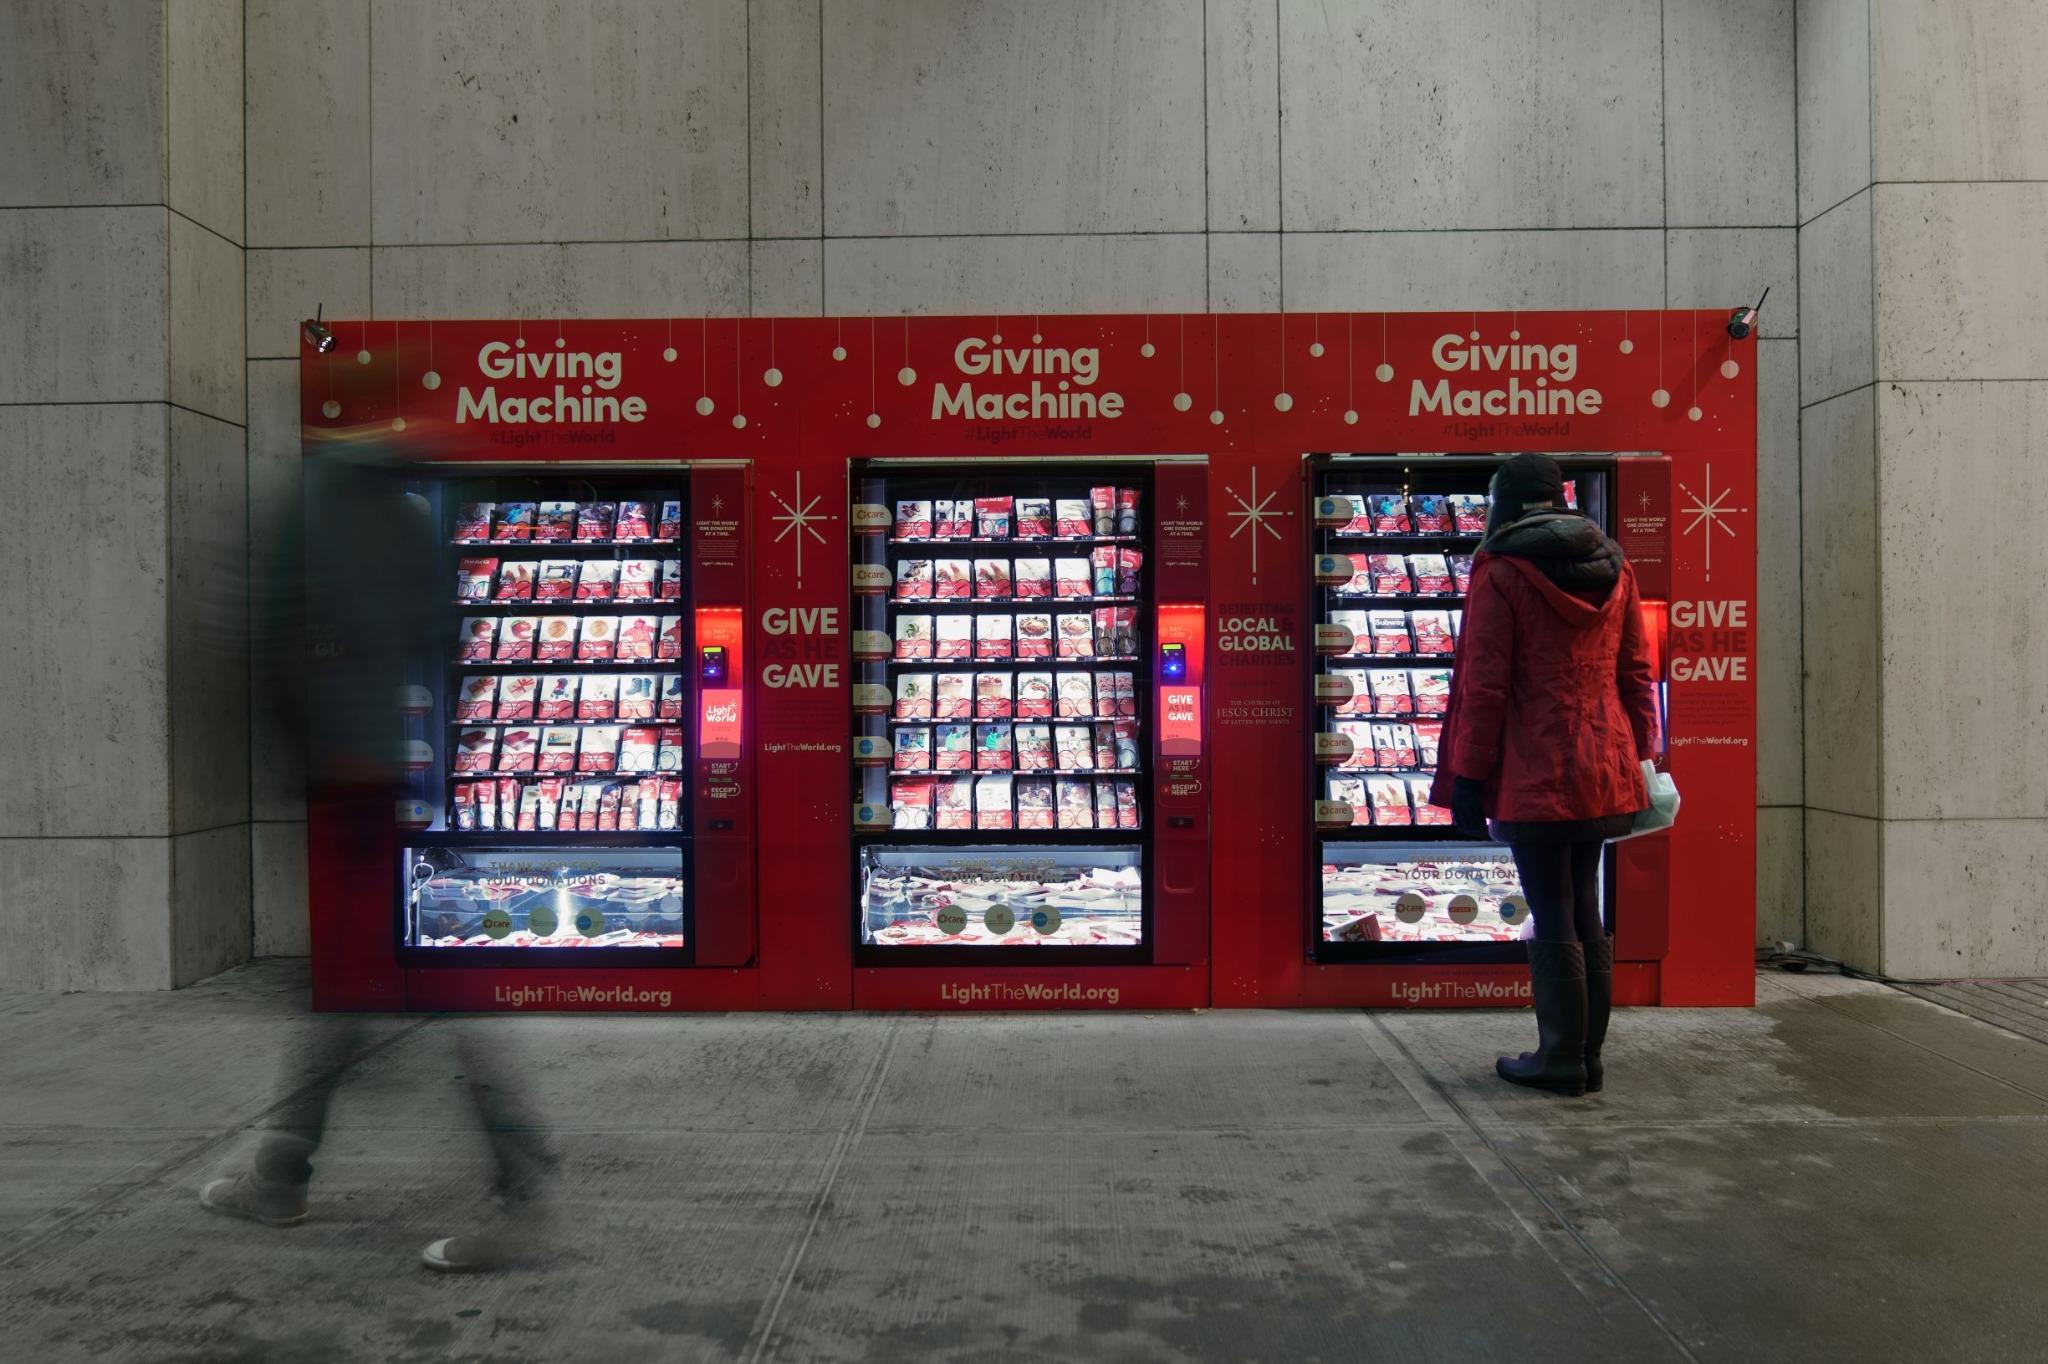 Uma máquina de doação da campanha #SejaALuzDoMundo na cidade de Nova York, um dos 10 locais este ano, onde as pessoas podem fazer doações durante a época de Natal.